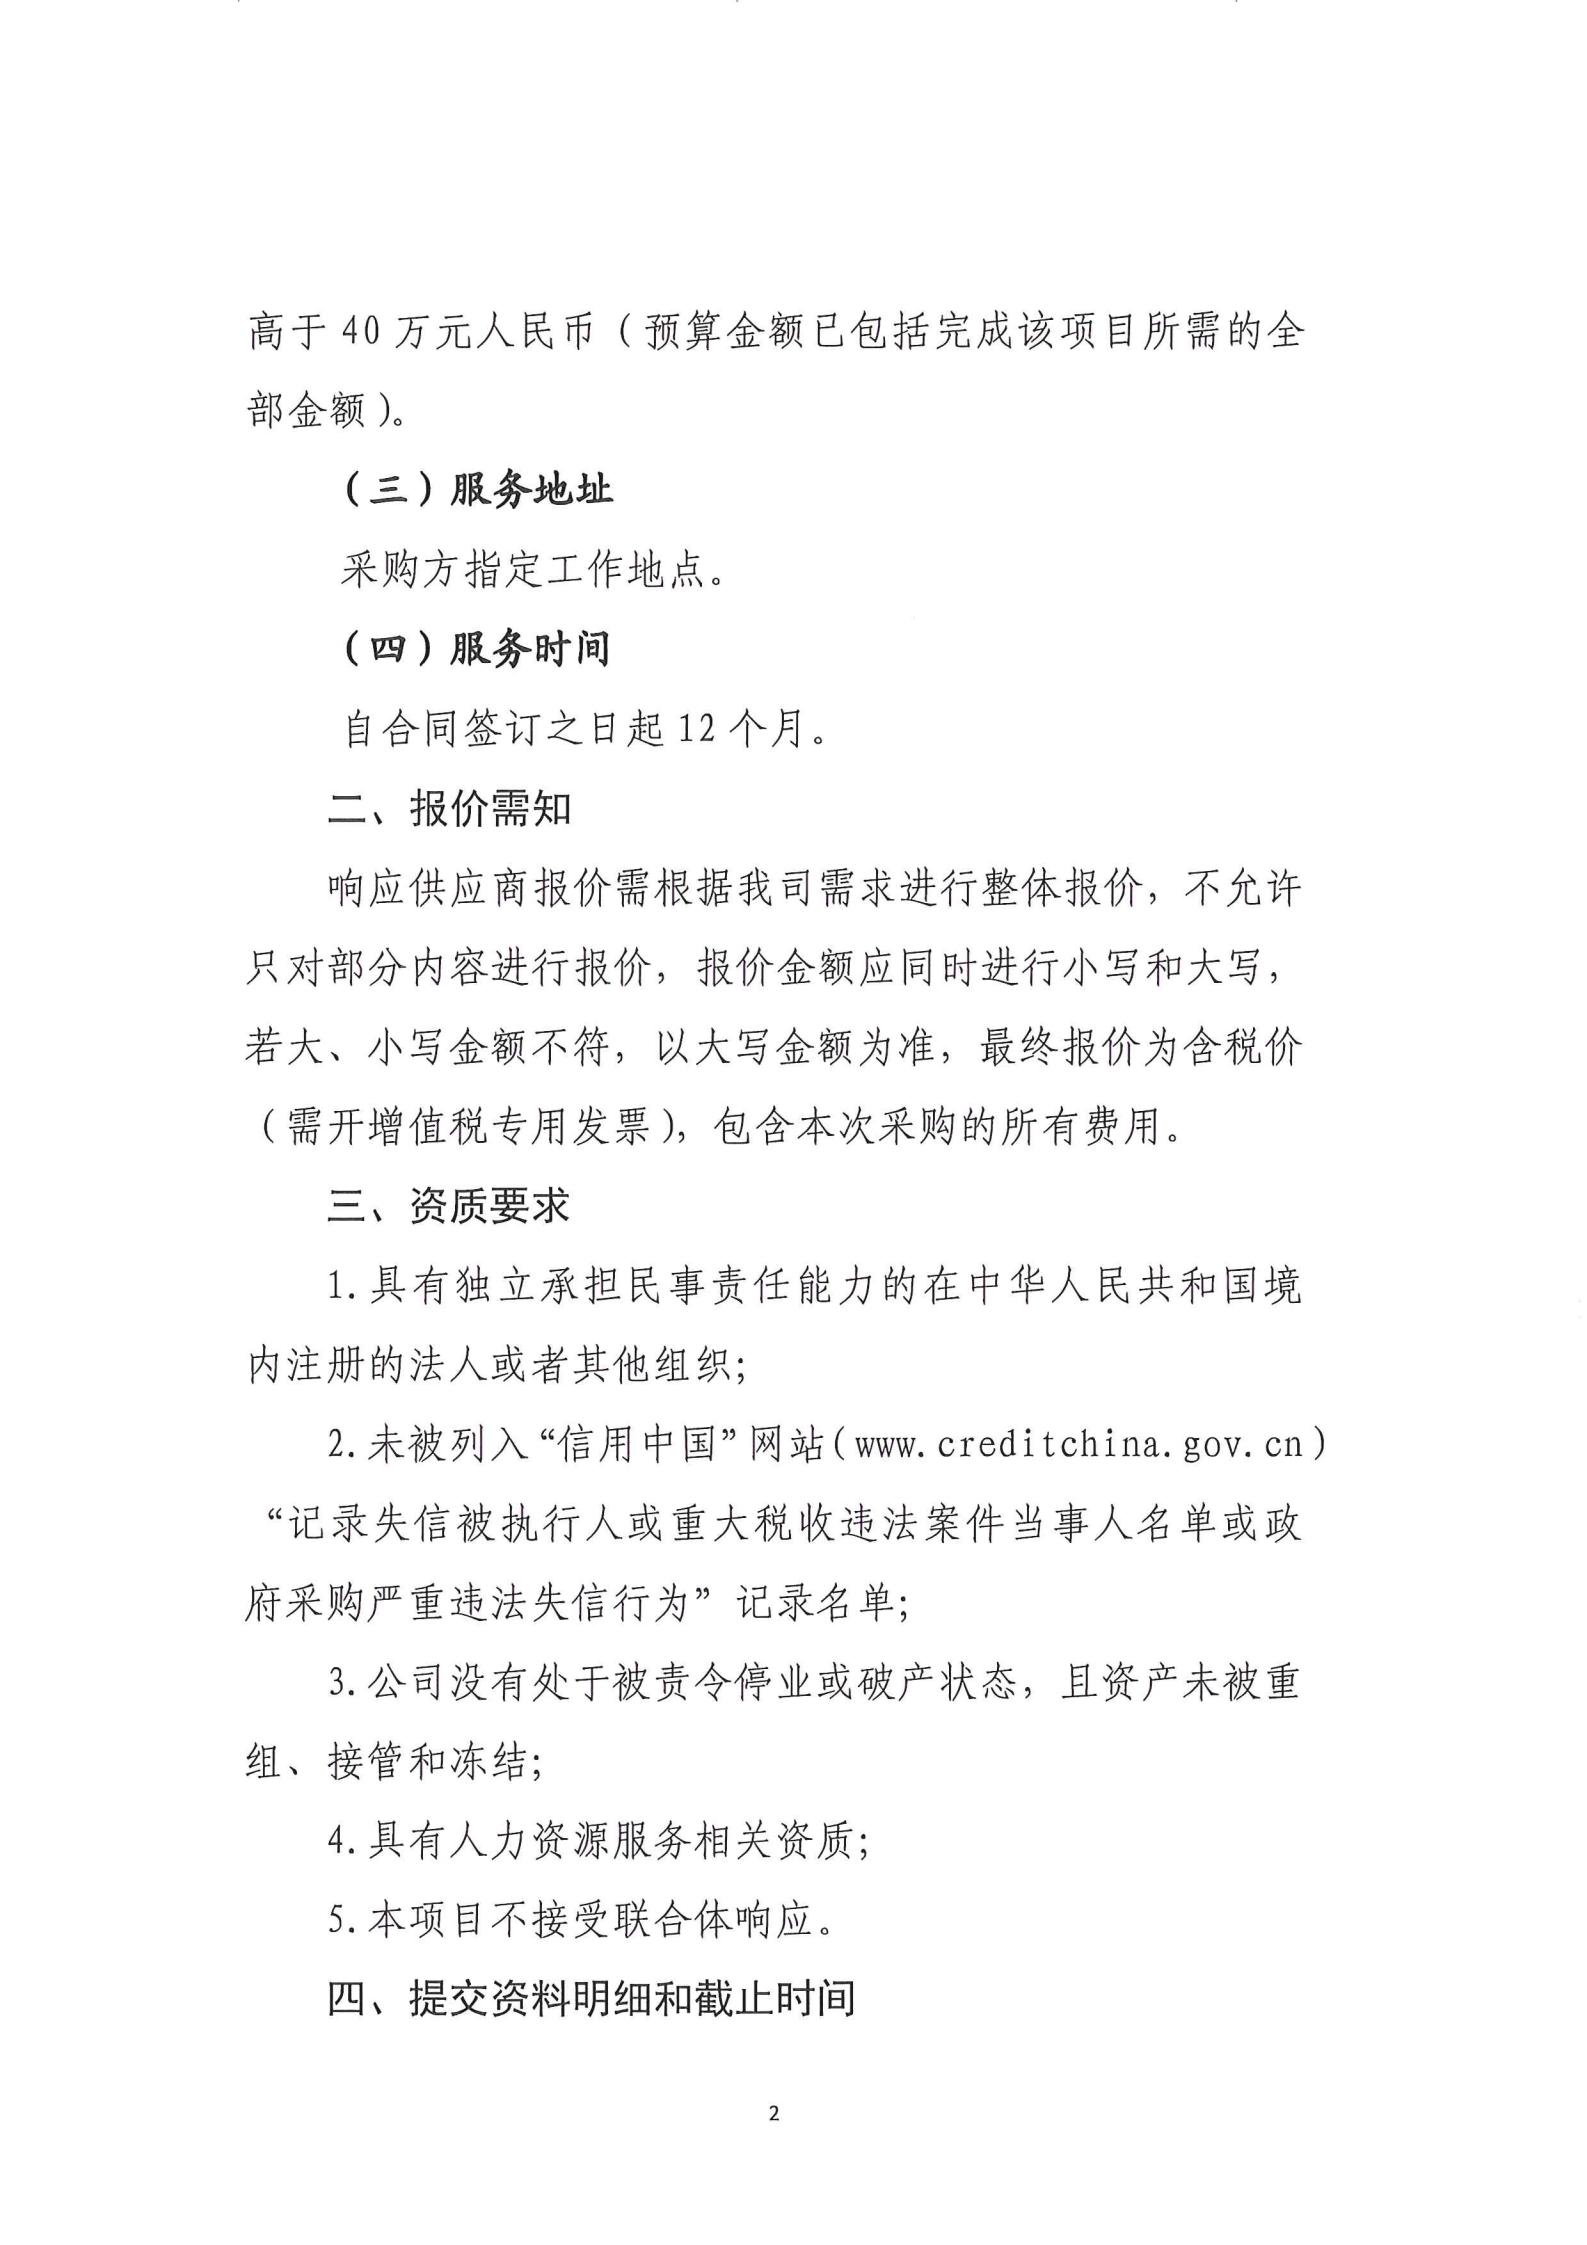 3.关于采购辅助建设公共服务项目询价函_01.png